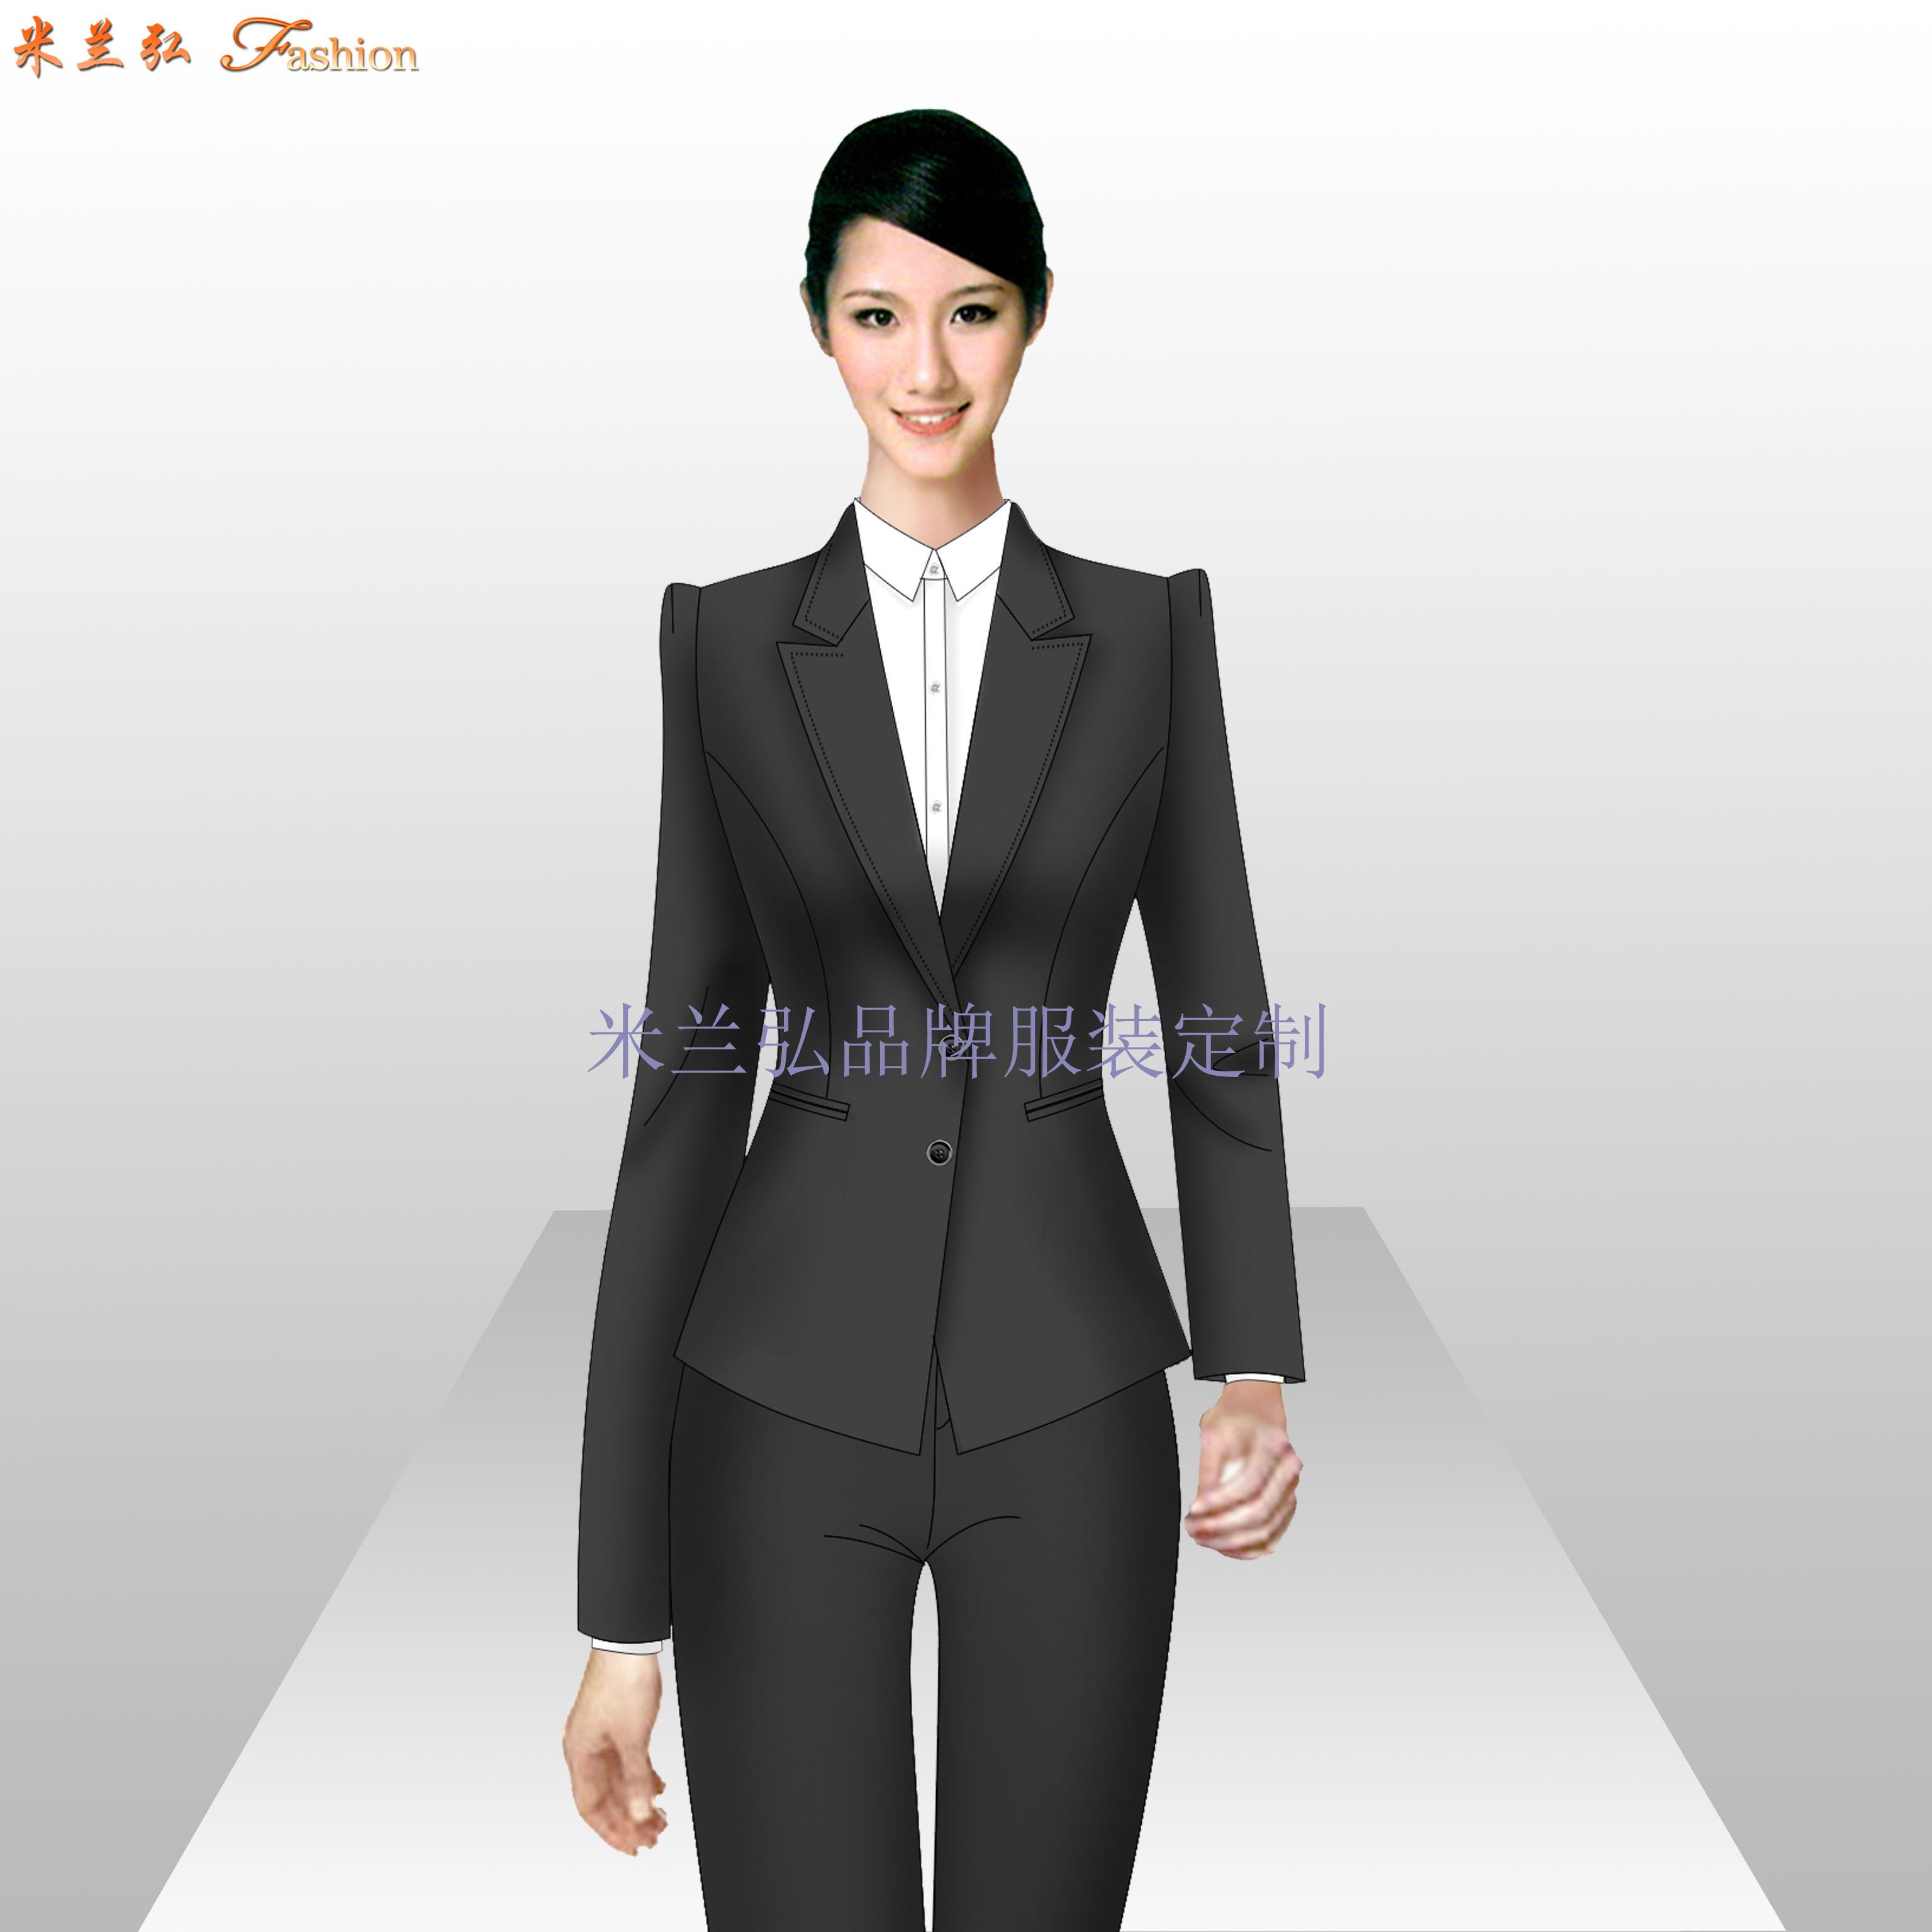 太原正装定制,太原女士职业装订做-蓝冠注册厂家-3